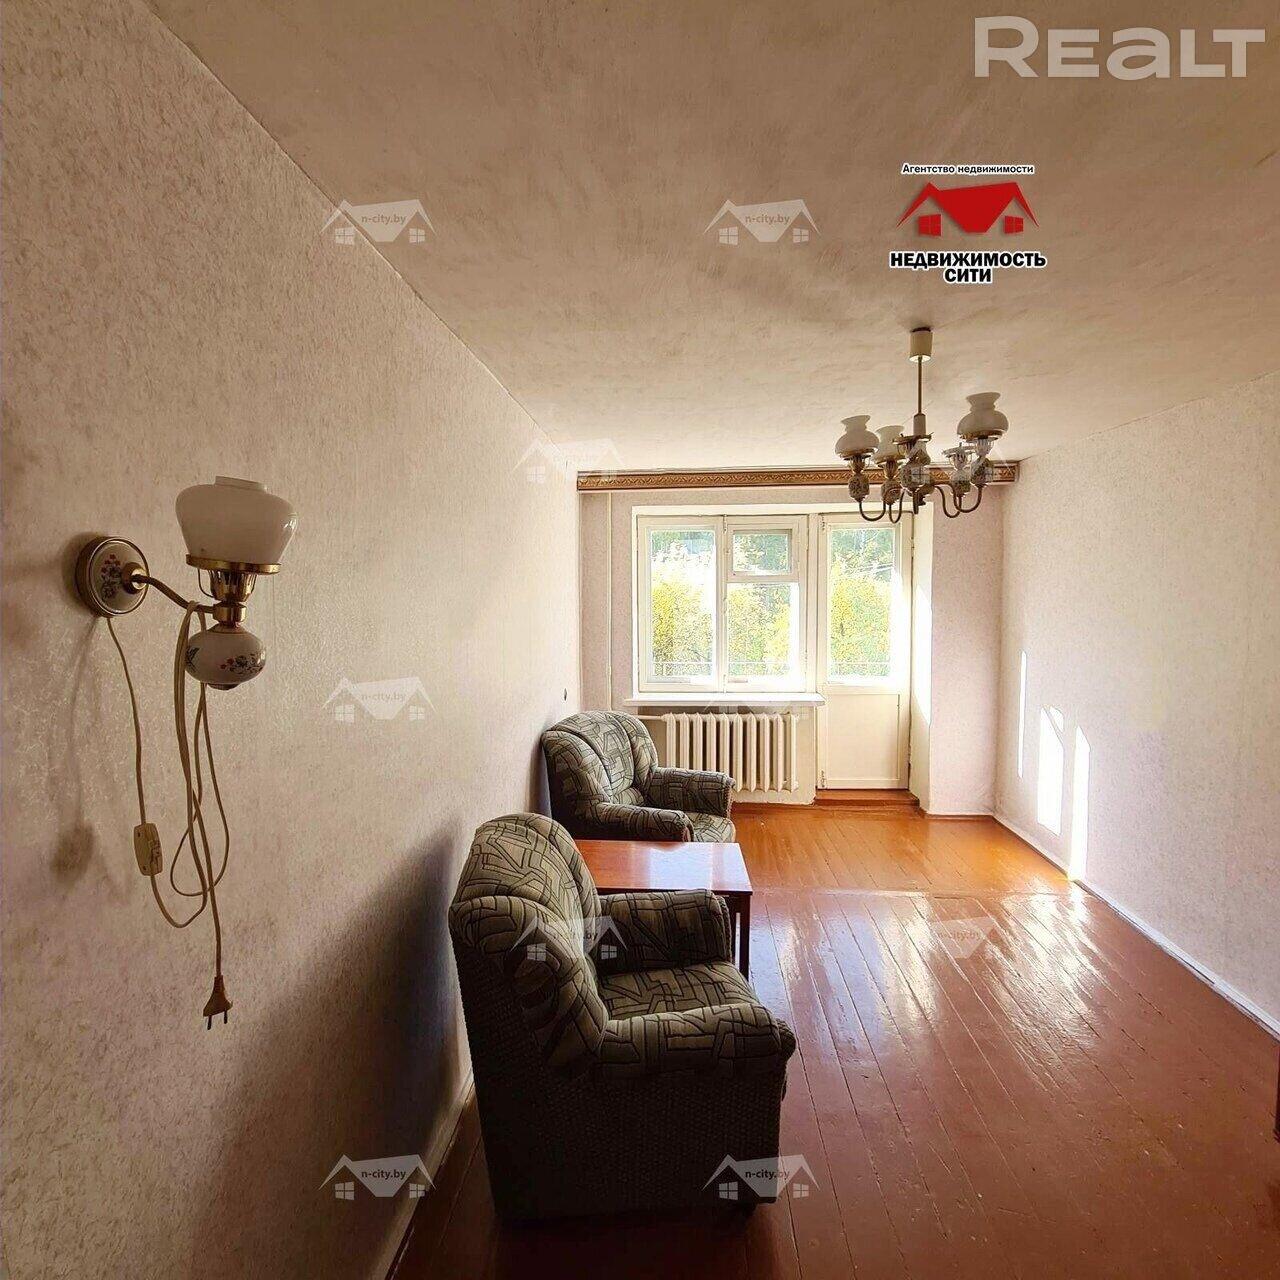 Продажа 2-х комнатной квартиры в г. Могилеве, пер. Гоголя, дом 27 (р-н 30 лет Победы). Цена 60 505 руб